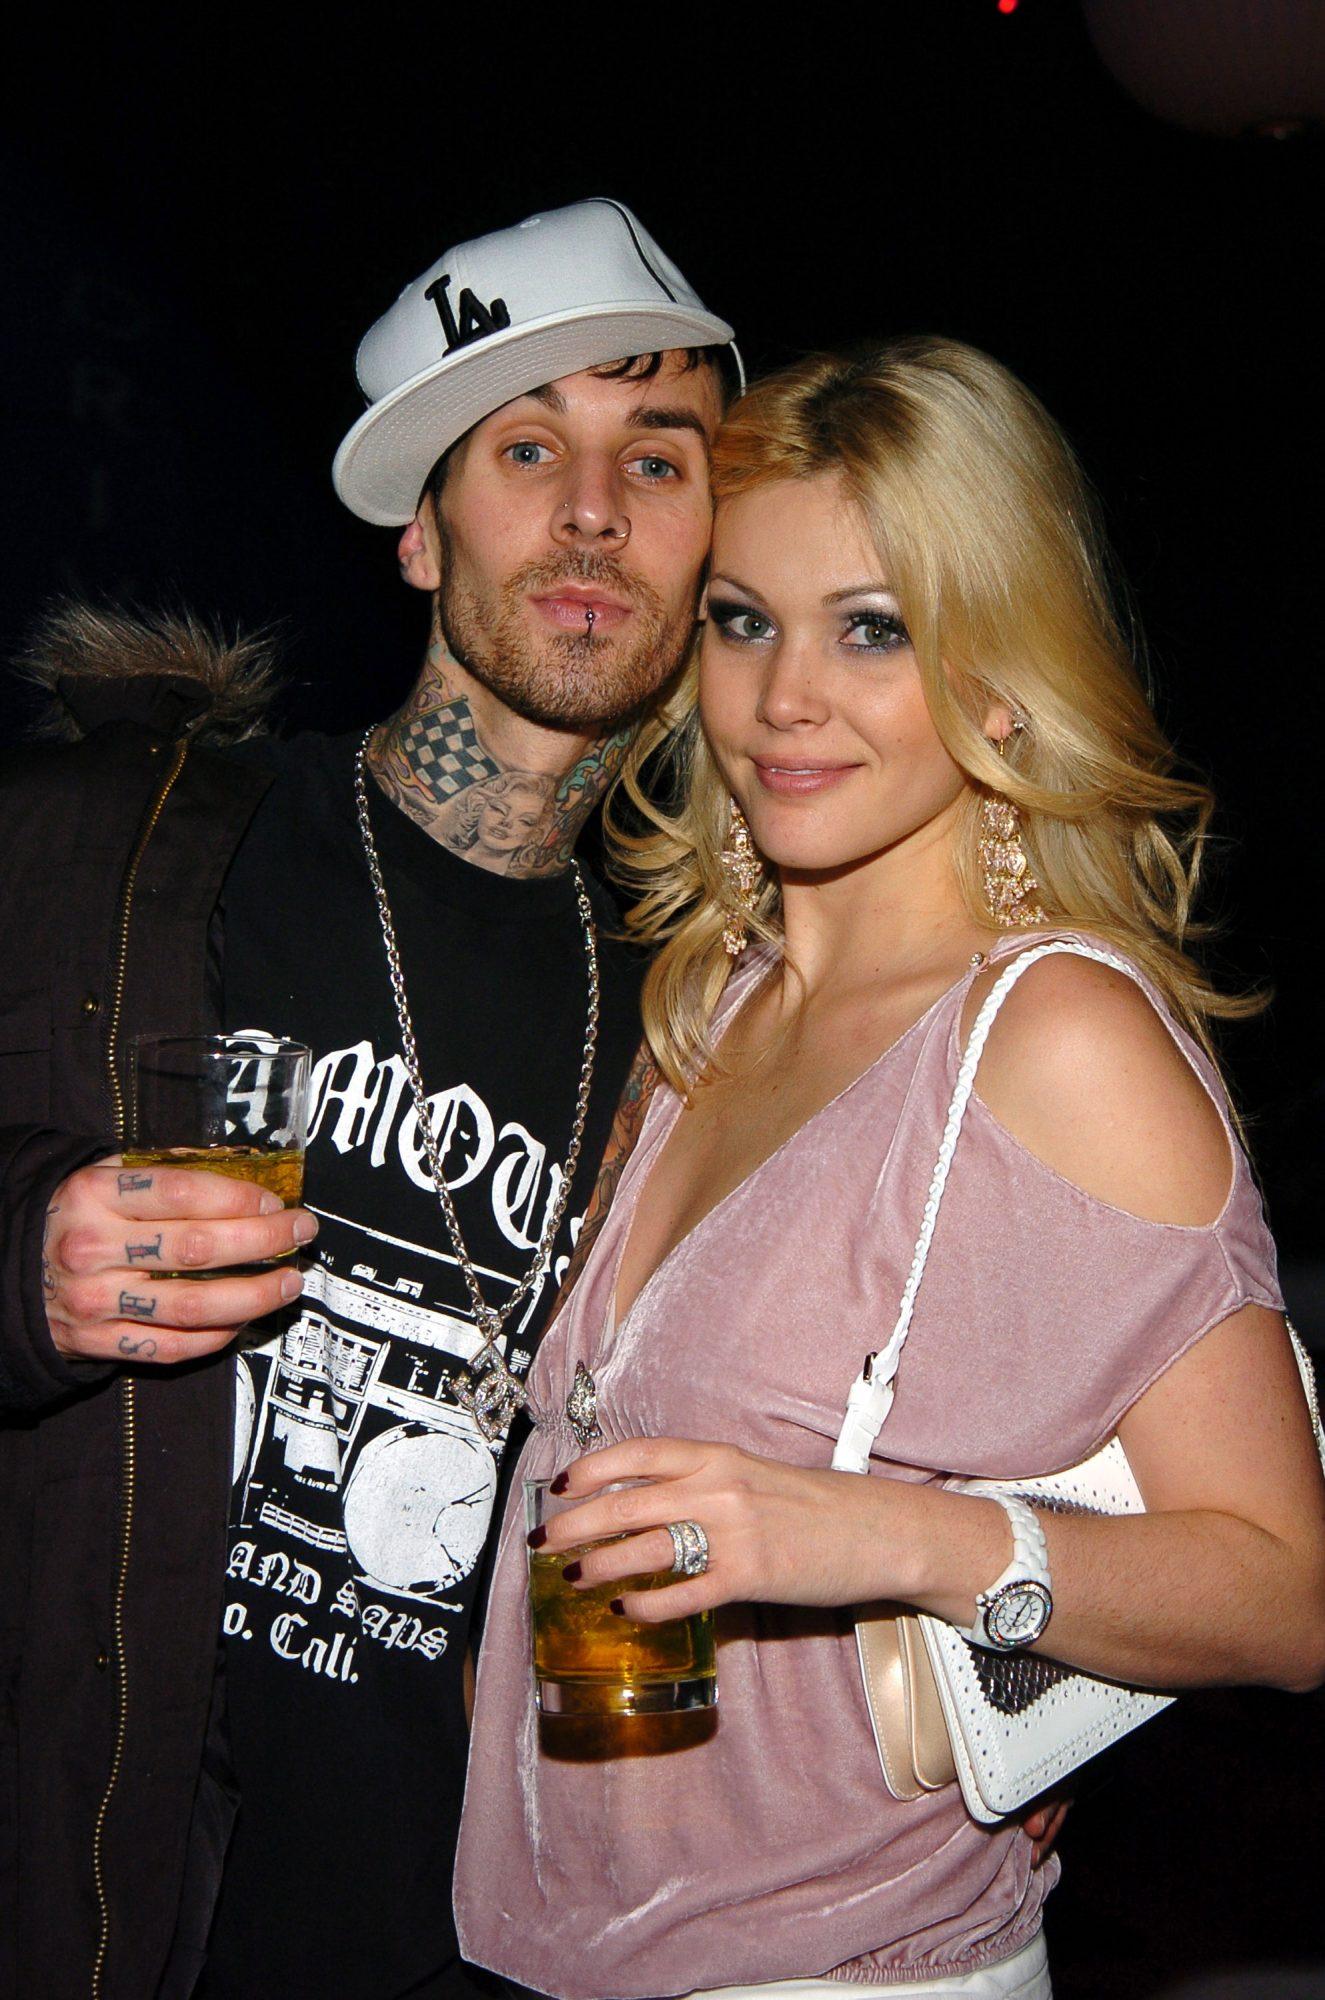 Travis Barker of Blink 182 with Shanna Moakler